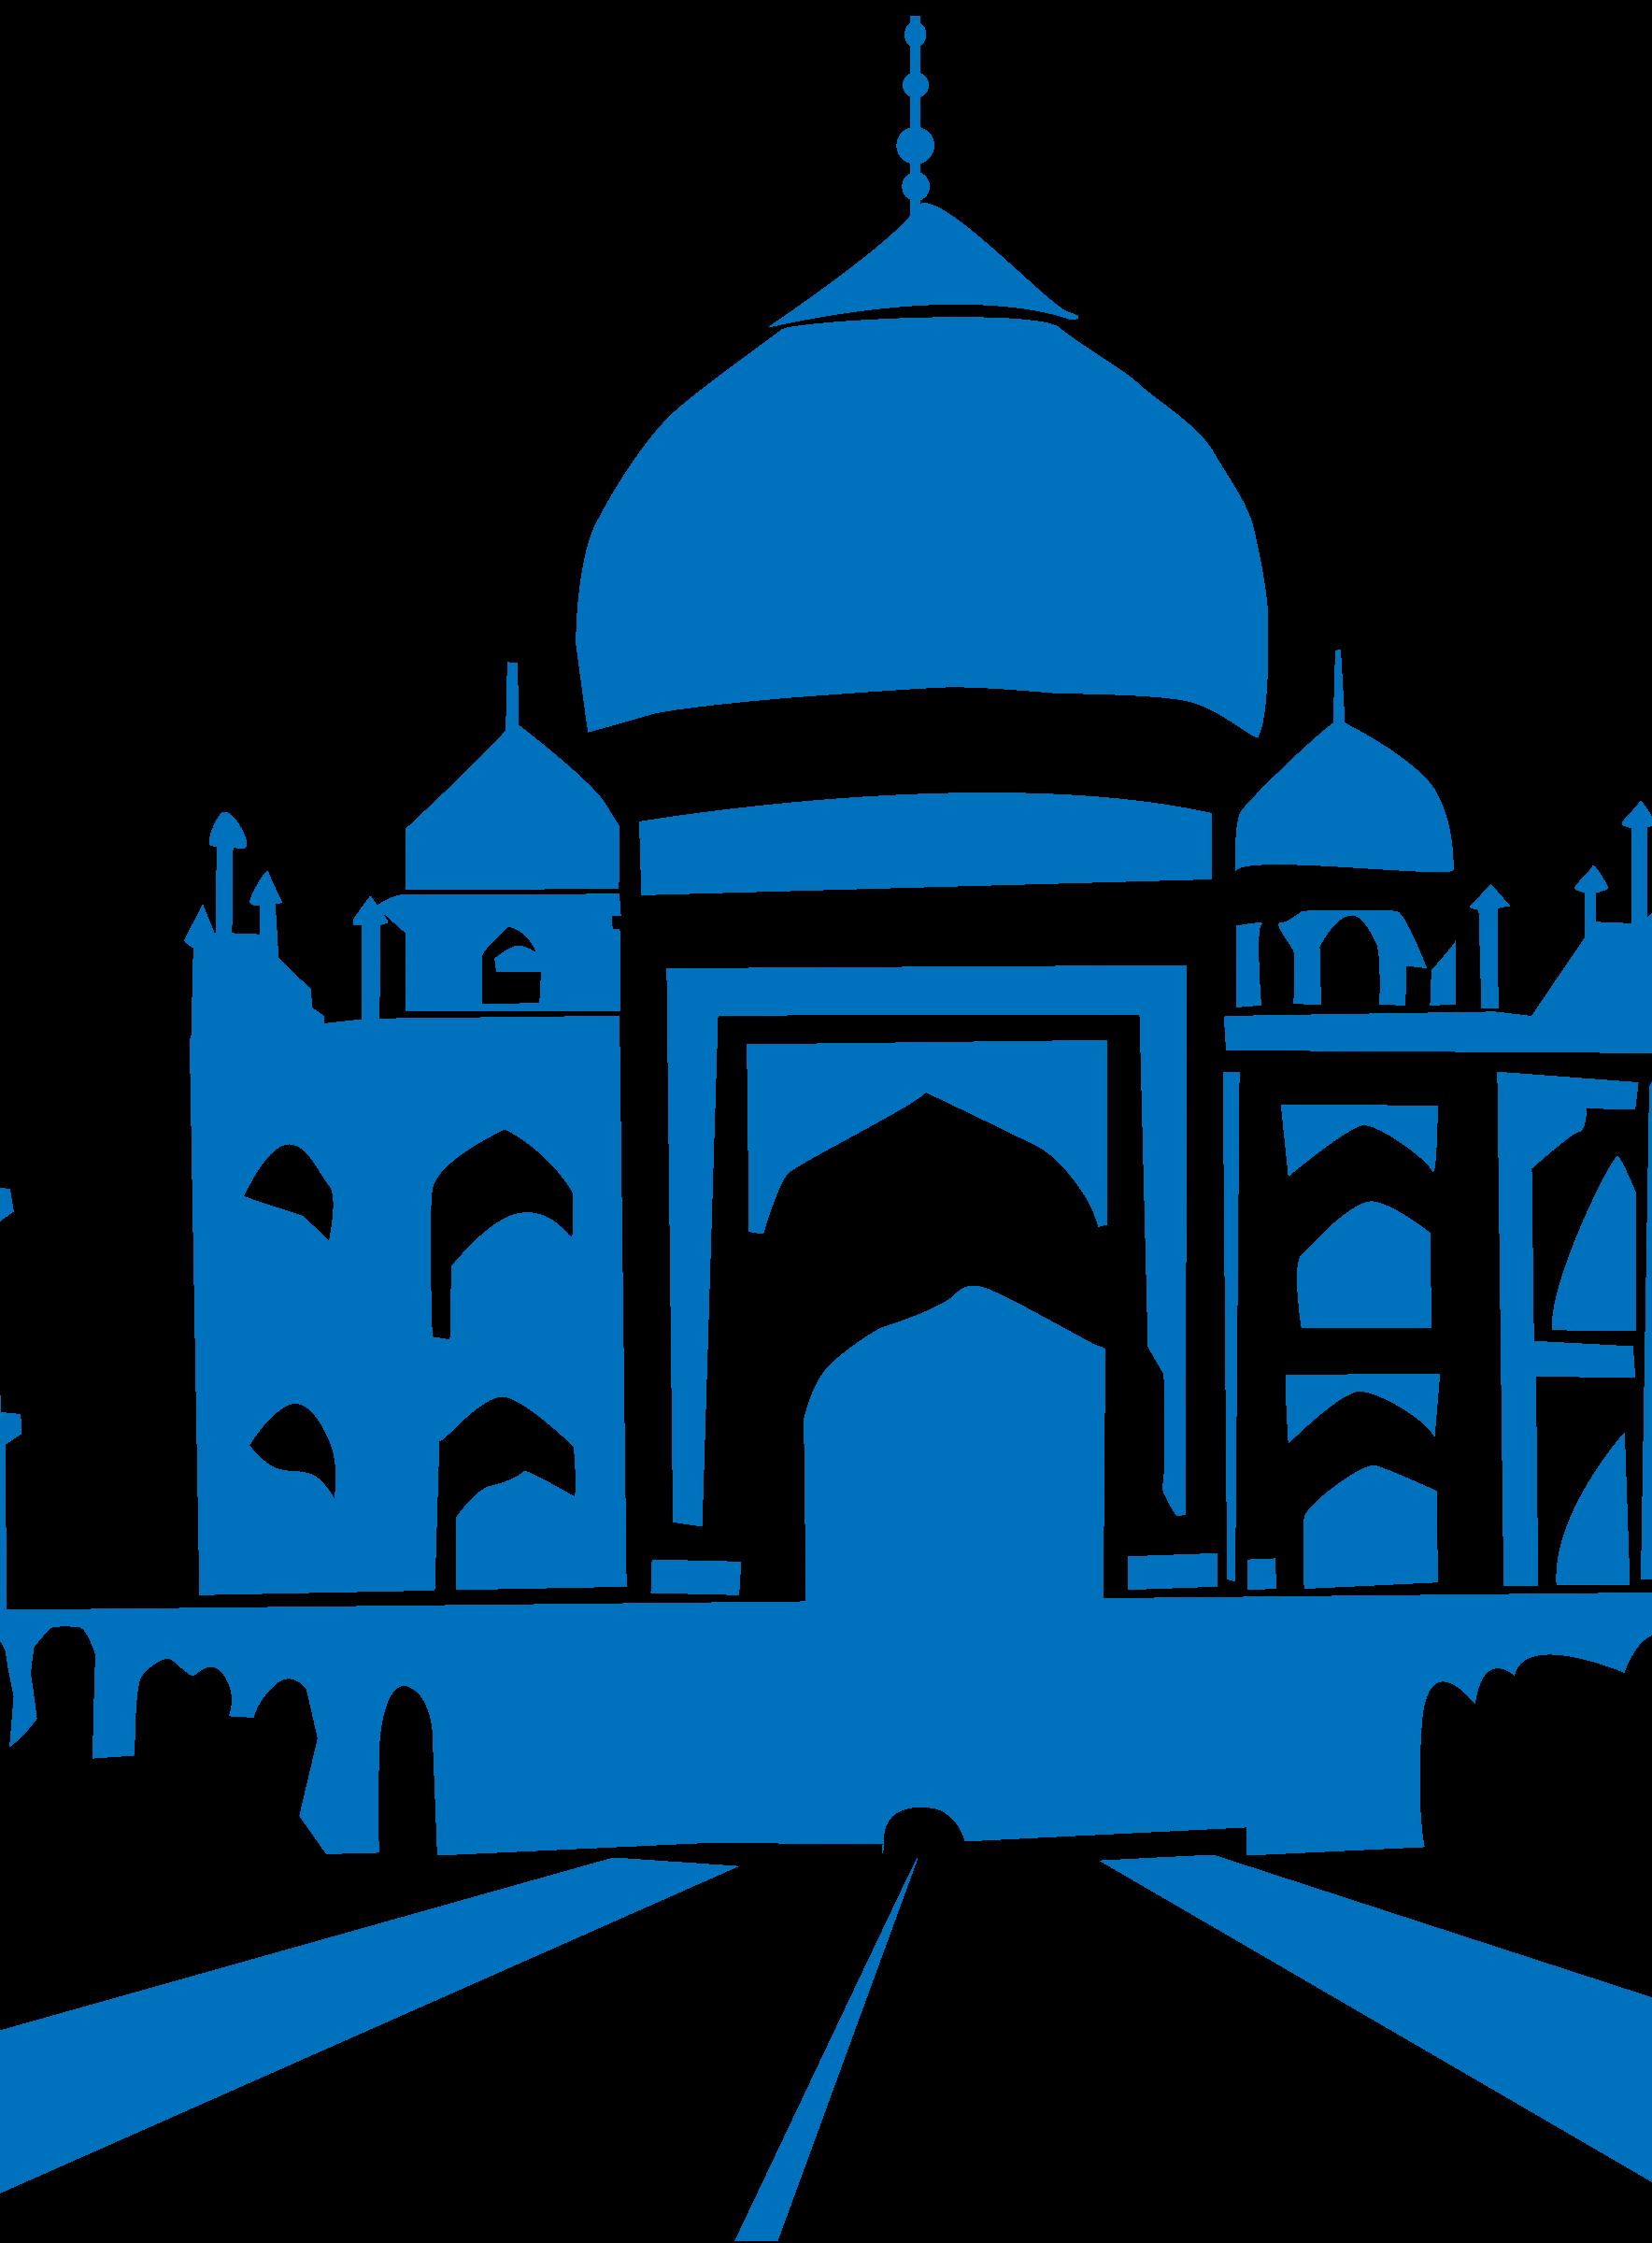 ... Taj mahal clipart ... - Taj Mahal Clipart